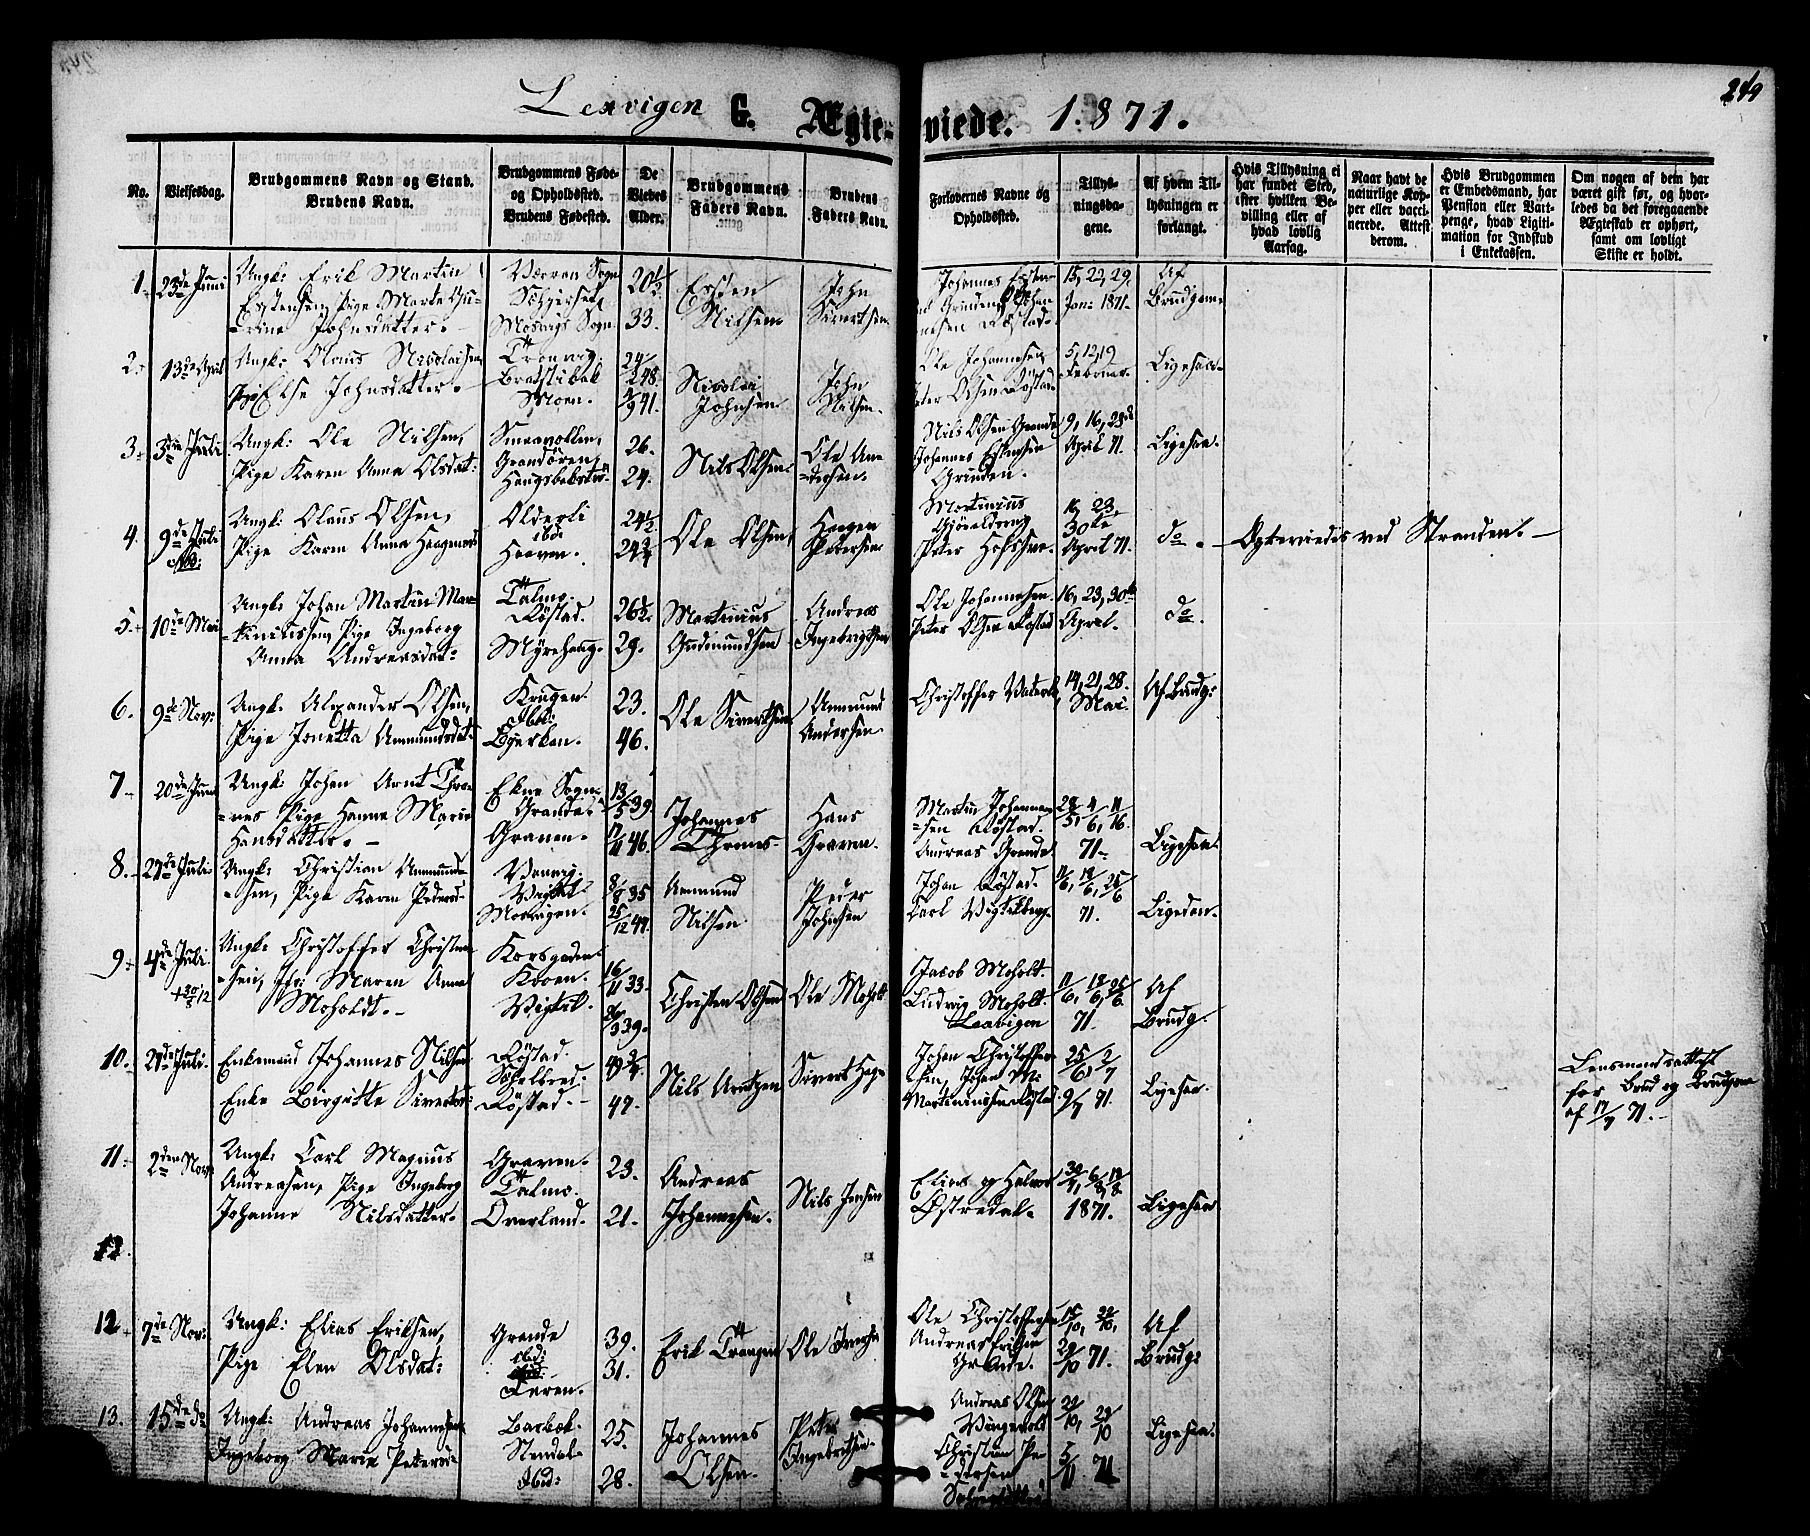 SAT, Ministerialprotokoller, klokkerbøker og fødselsregistre - Nord-Trøndelag, 701/L0009: Ministerialbok nr. 701A09 /1, 1864-1882, s. 249